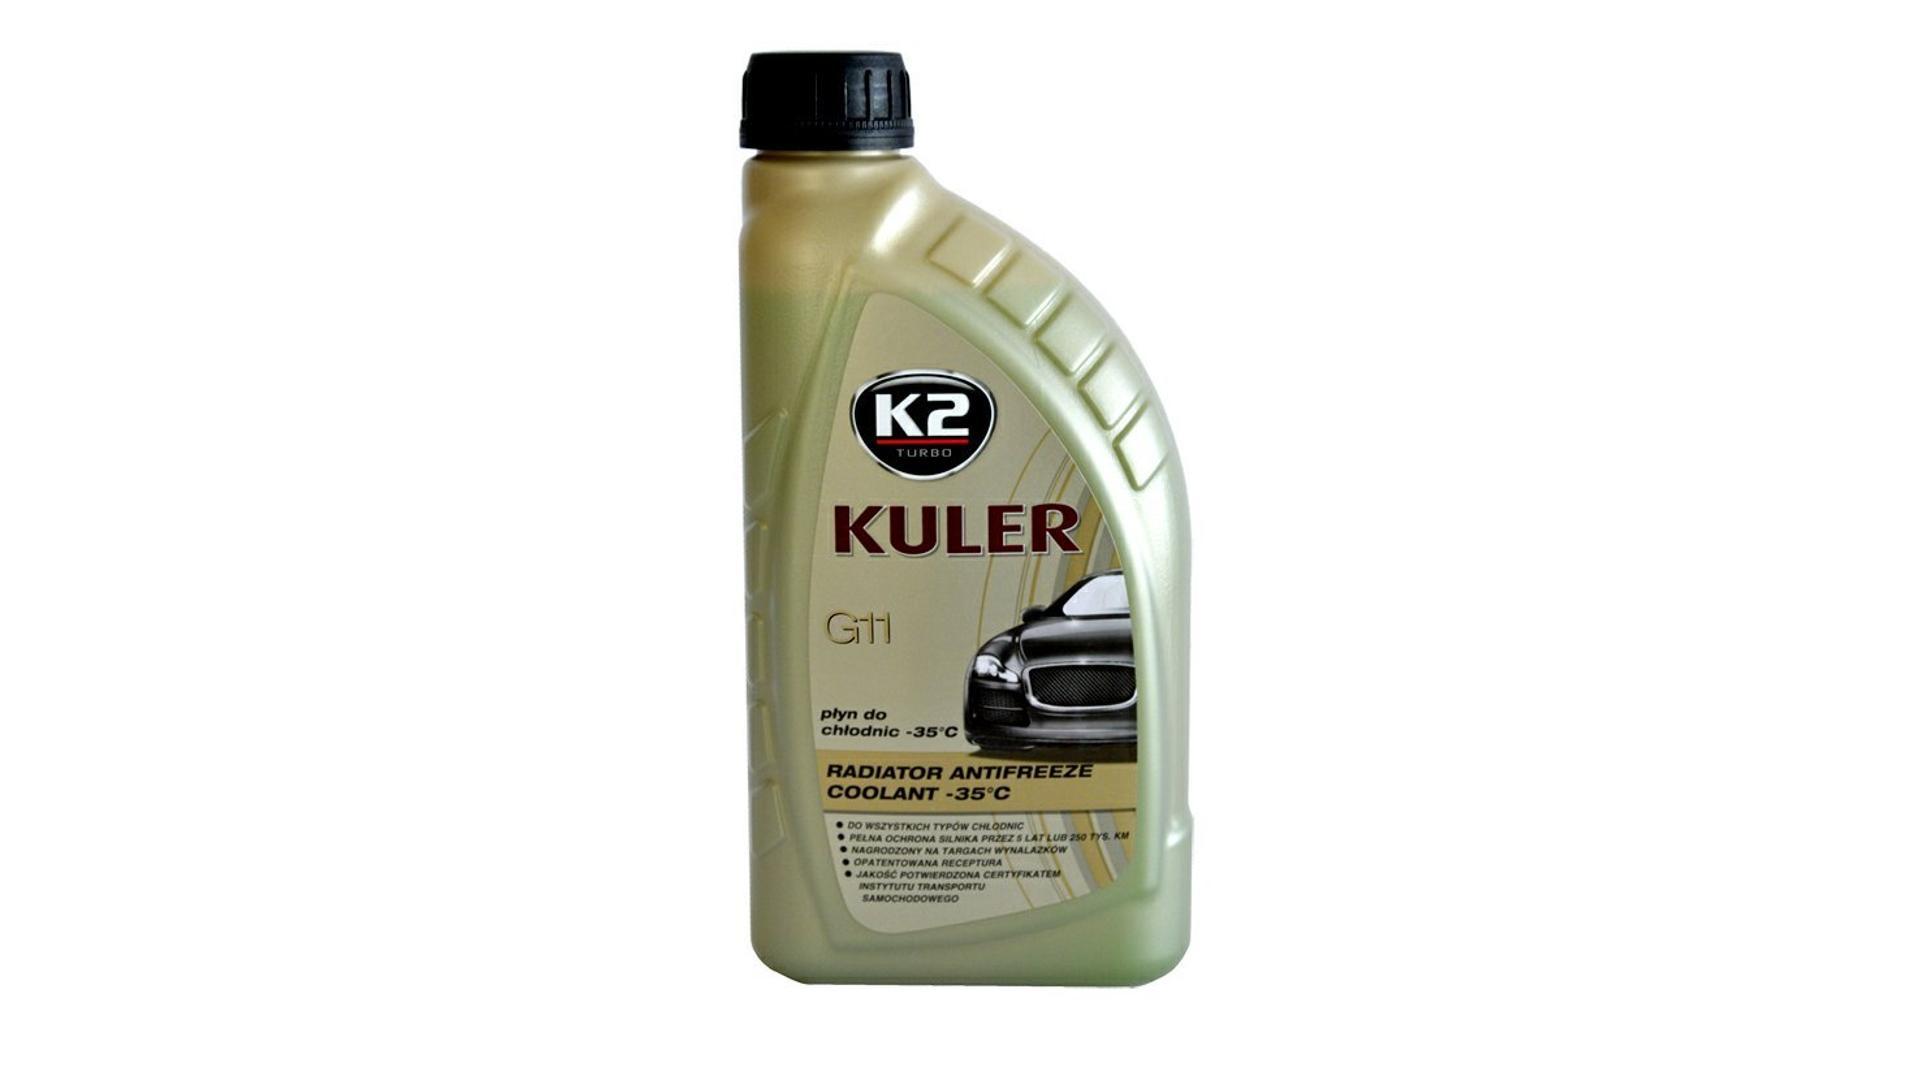 K2 KULER G11 MODRÁ 1l - nemrznoucí kapalina do chladiče do -35 °C